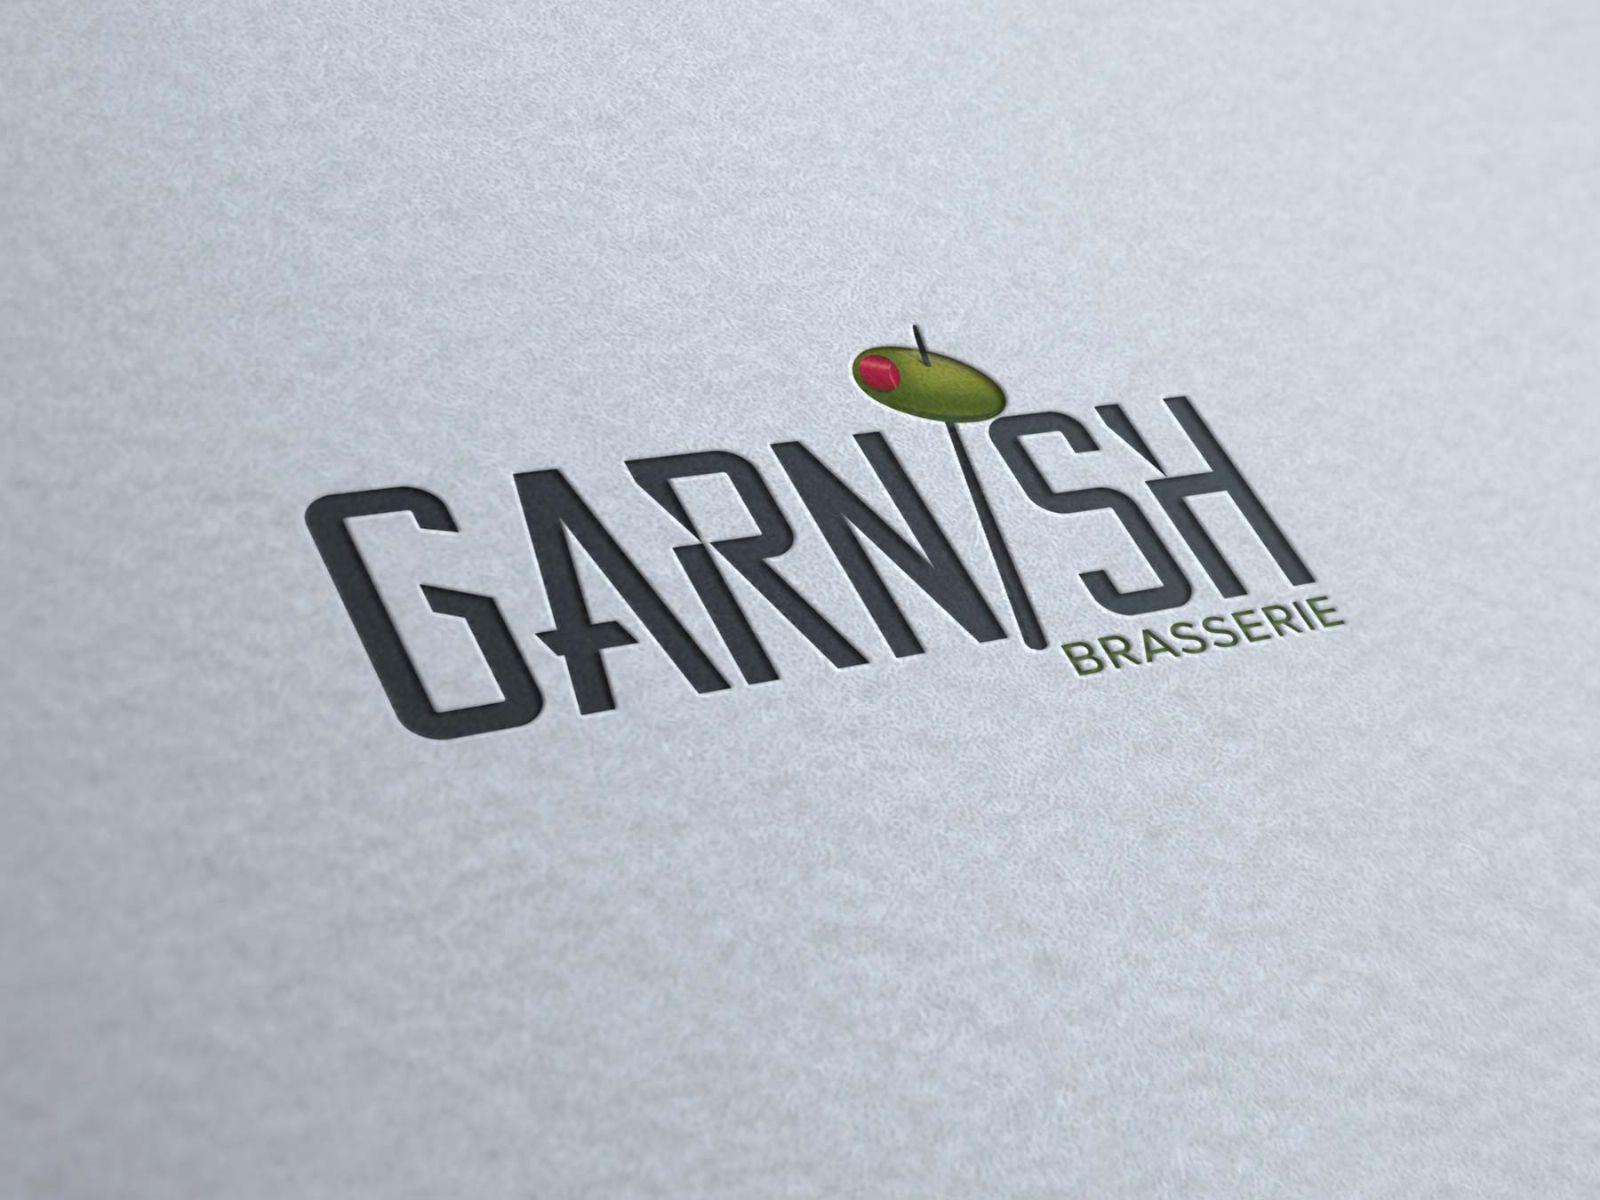 garnish logo renkli